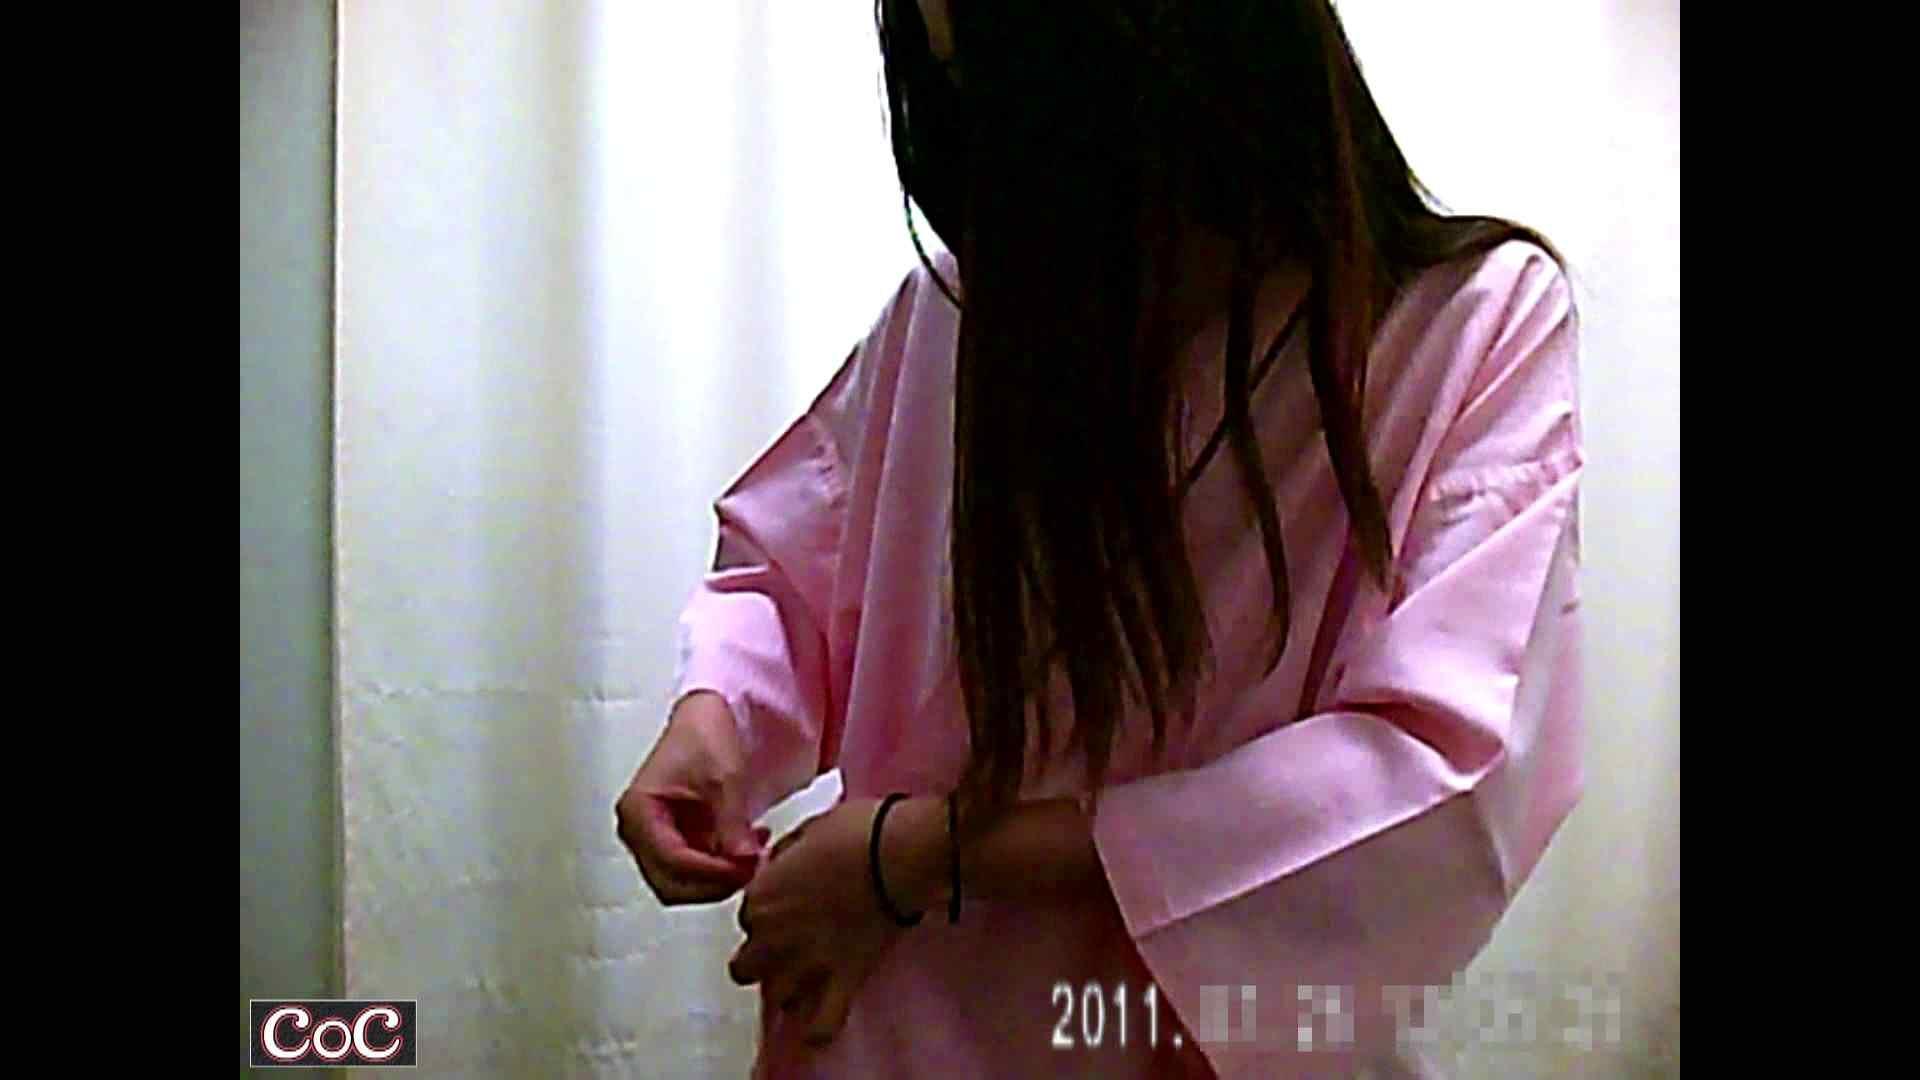 病院おもいっきり着替え! vol.05 美しいOLの裸体 エロ画像 96pic 93